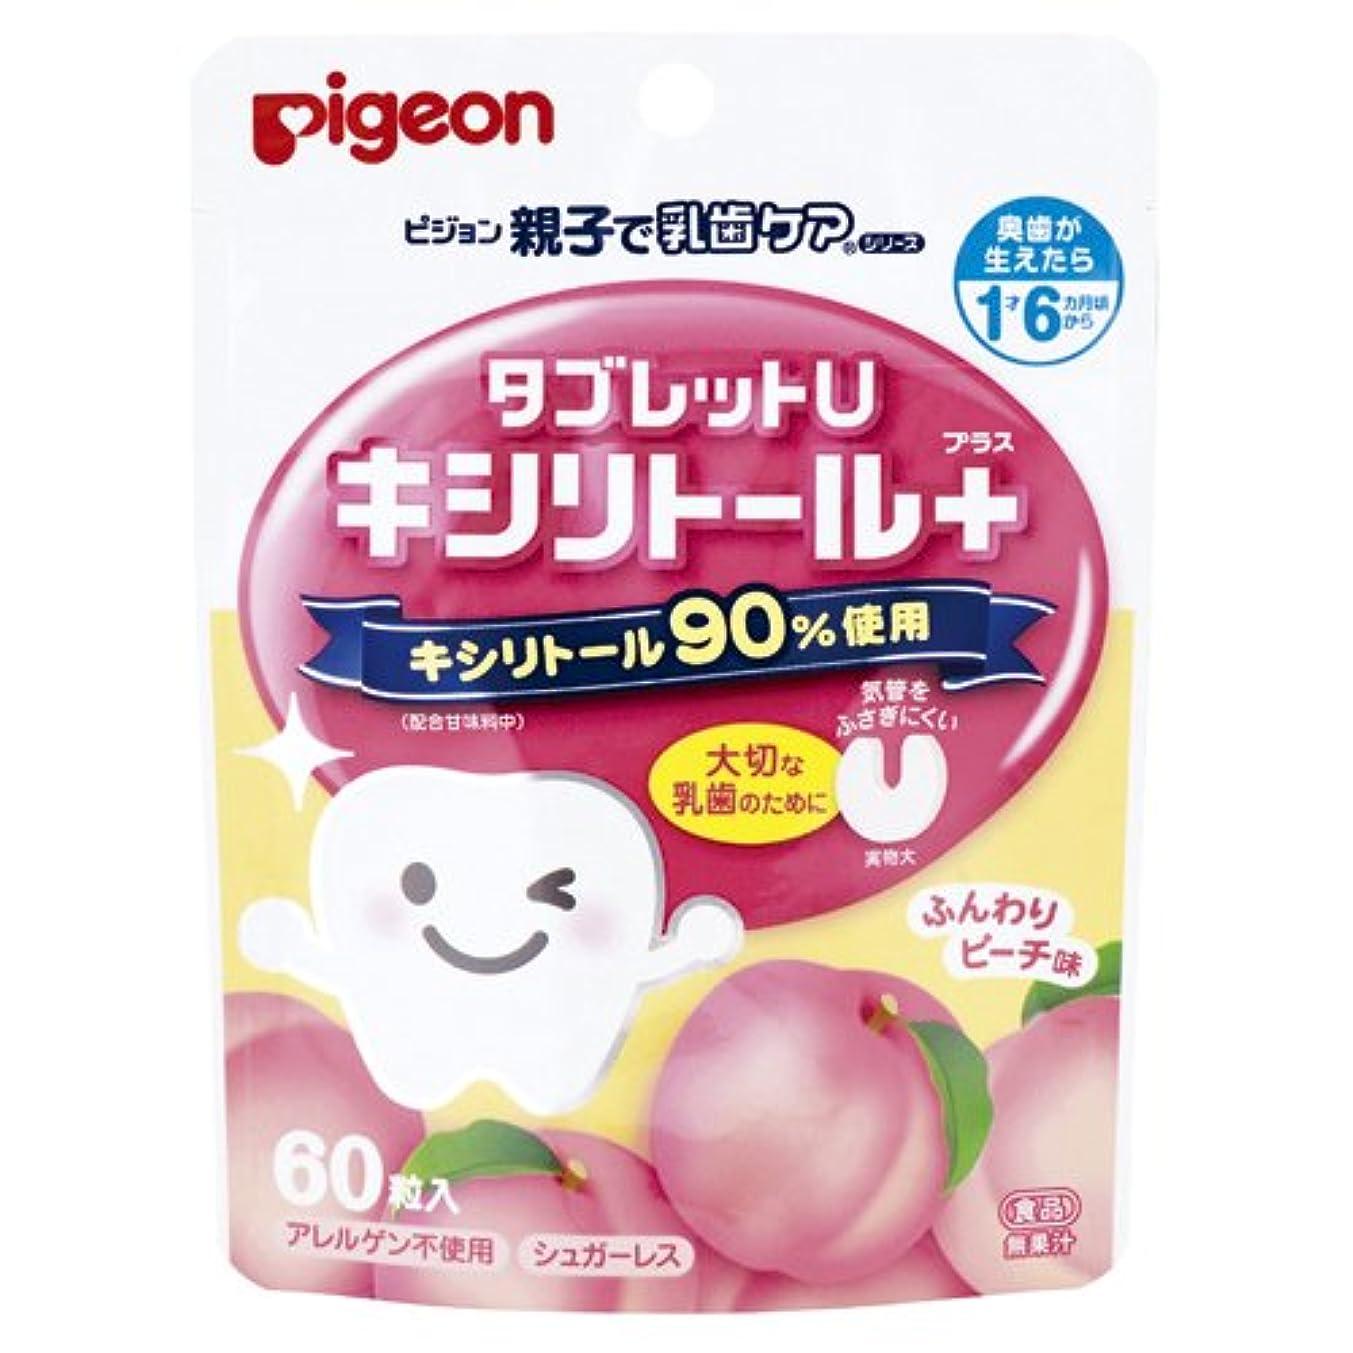 虎ビタミン濃度ピジョン 親子で乳歯ケア タブレットU ピーチ味 60粒入